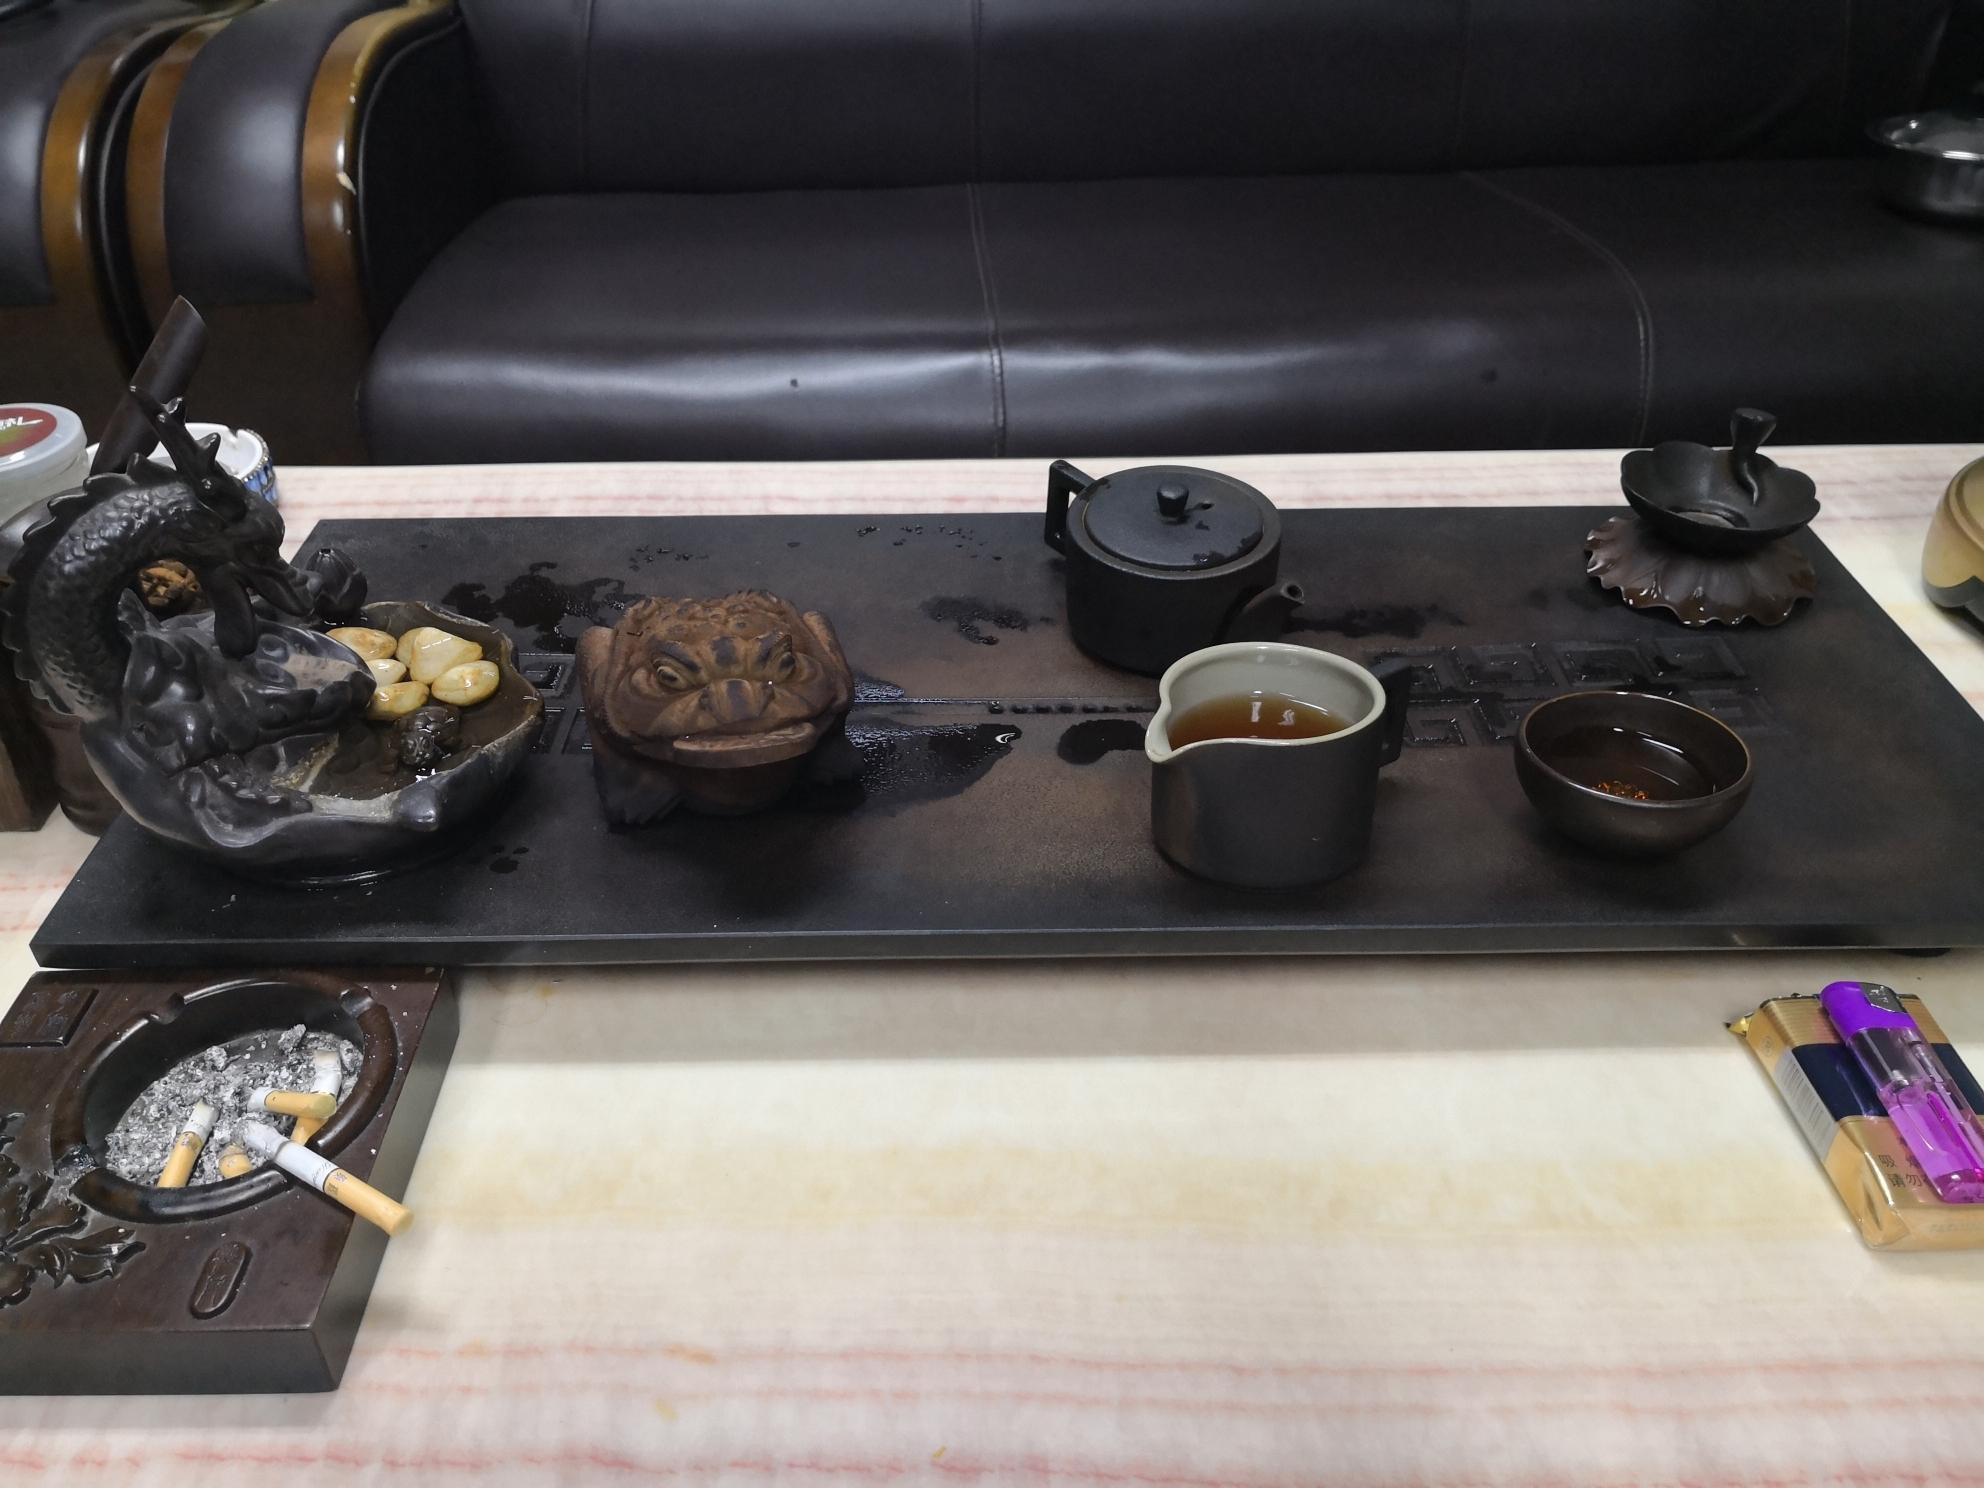 绵阳花鸟鱼虫图片喝茶看鱼有人说这是爱好 绵阳水族批发市场 绵阳水族批发市场第3张